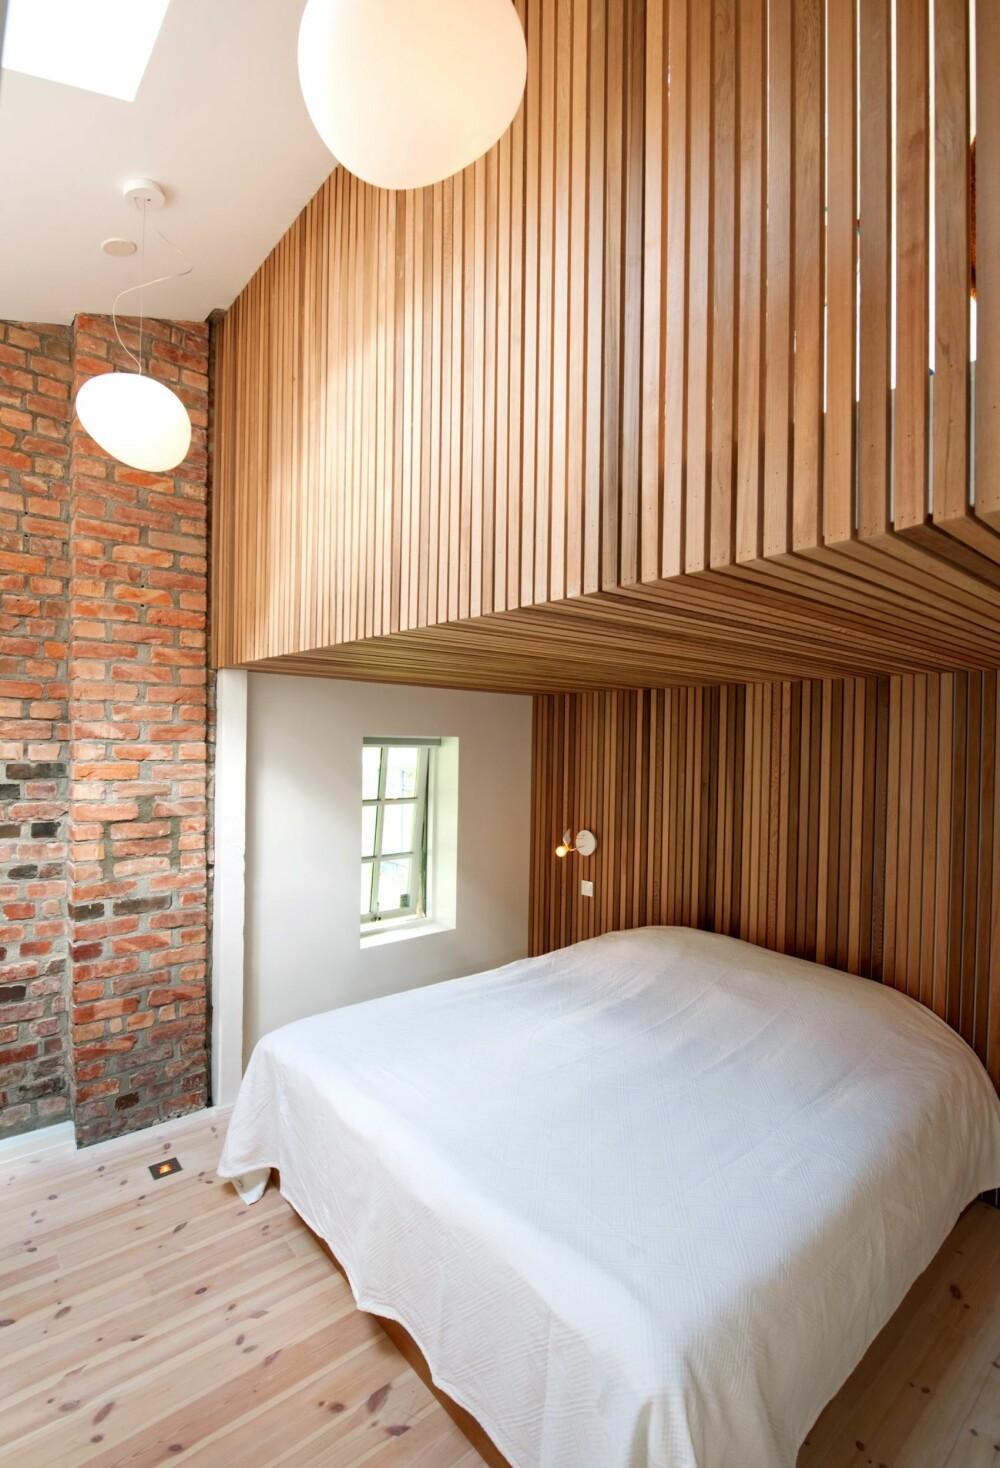 INTIM SONE I LUFTIG ROM: Spilene av sedertre opptrer både som sengegavl, veggkledning og gelender. Herfra er det åpen forbindelse til hjemmekontoret i etasjen over. Belysningsplan og lamper er ved SM Lys v/ Kenneth Fossum i samarbeid med arkitektene.